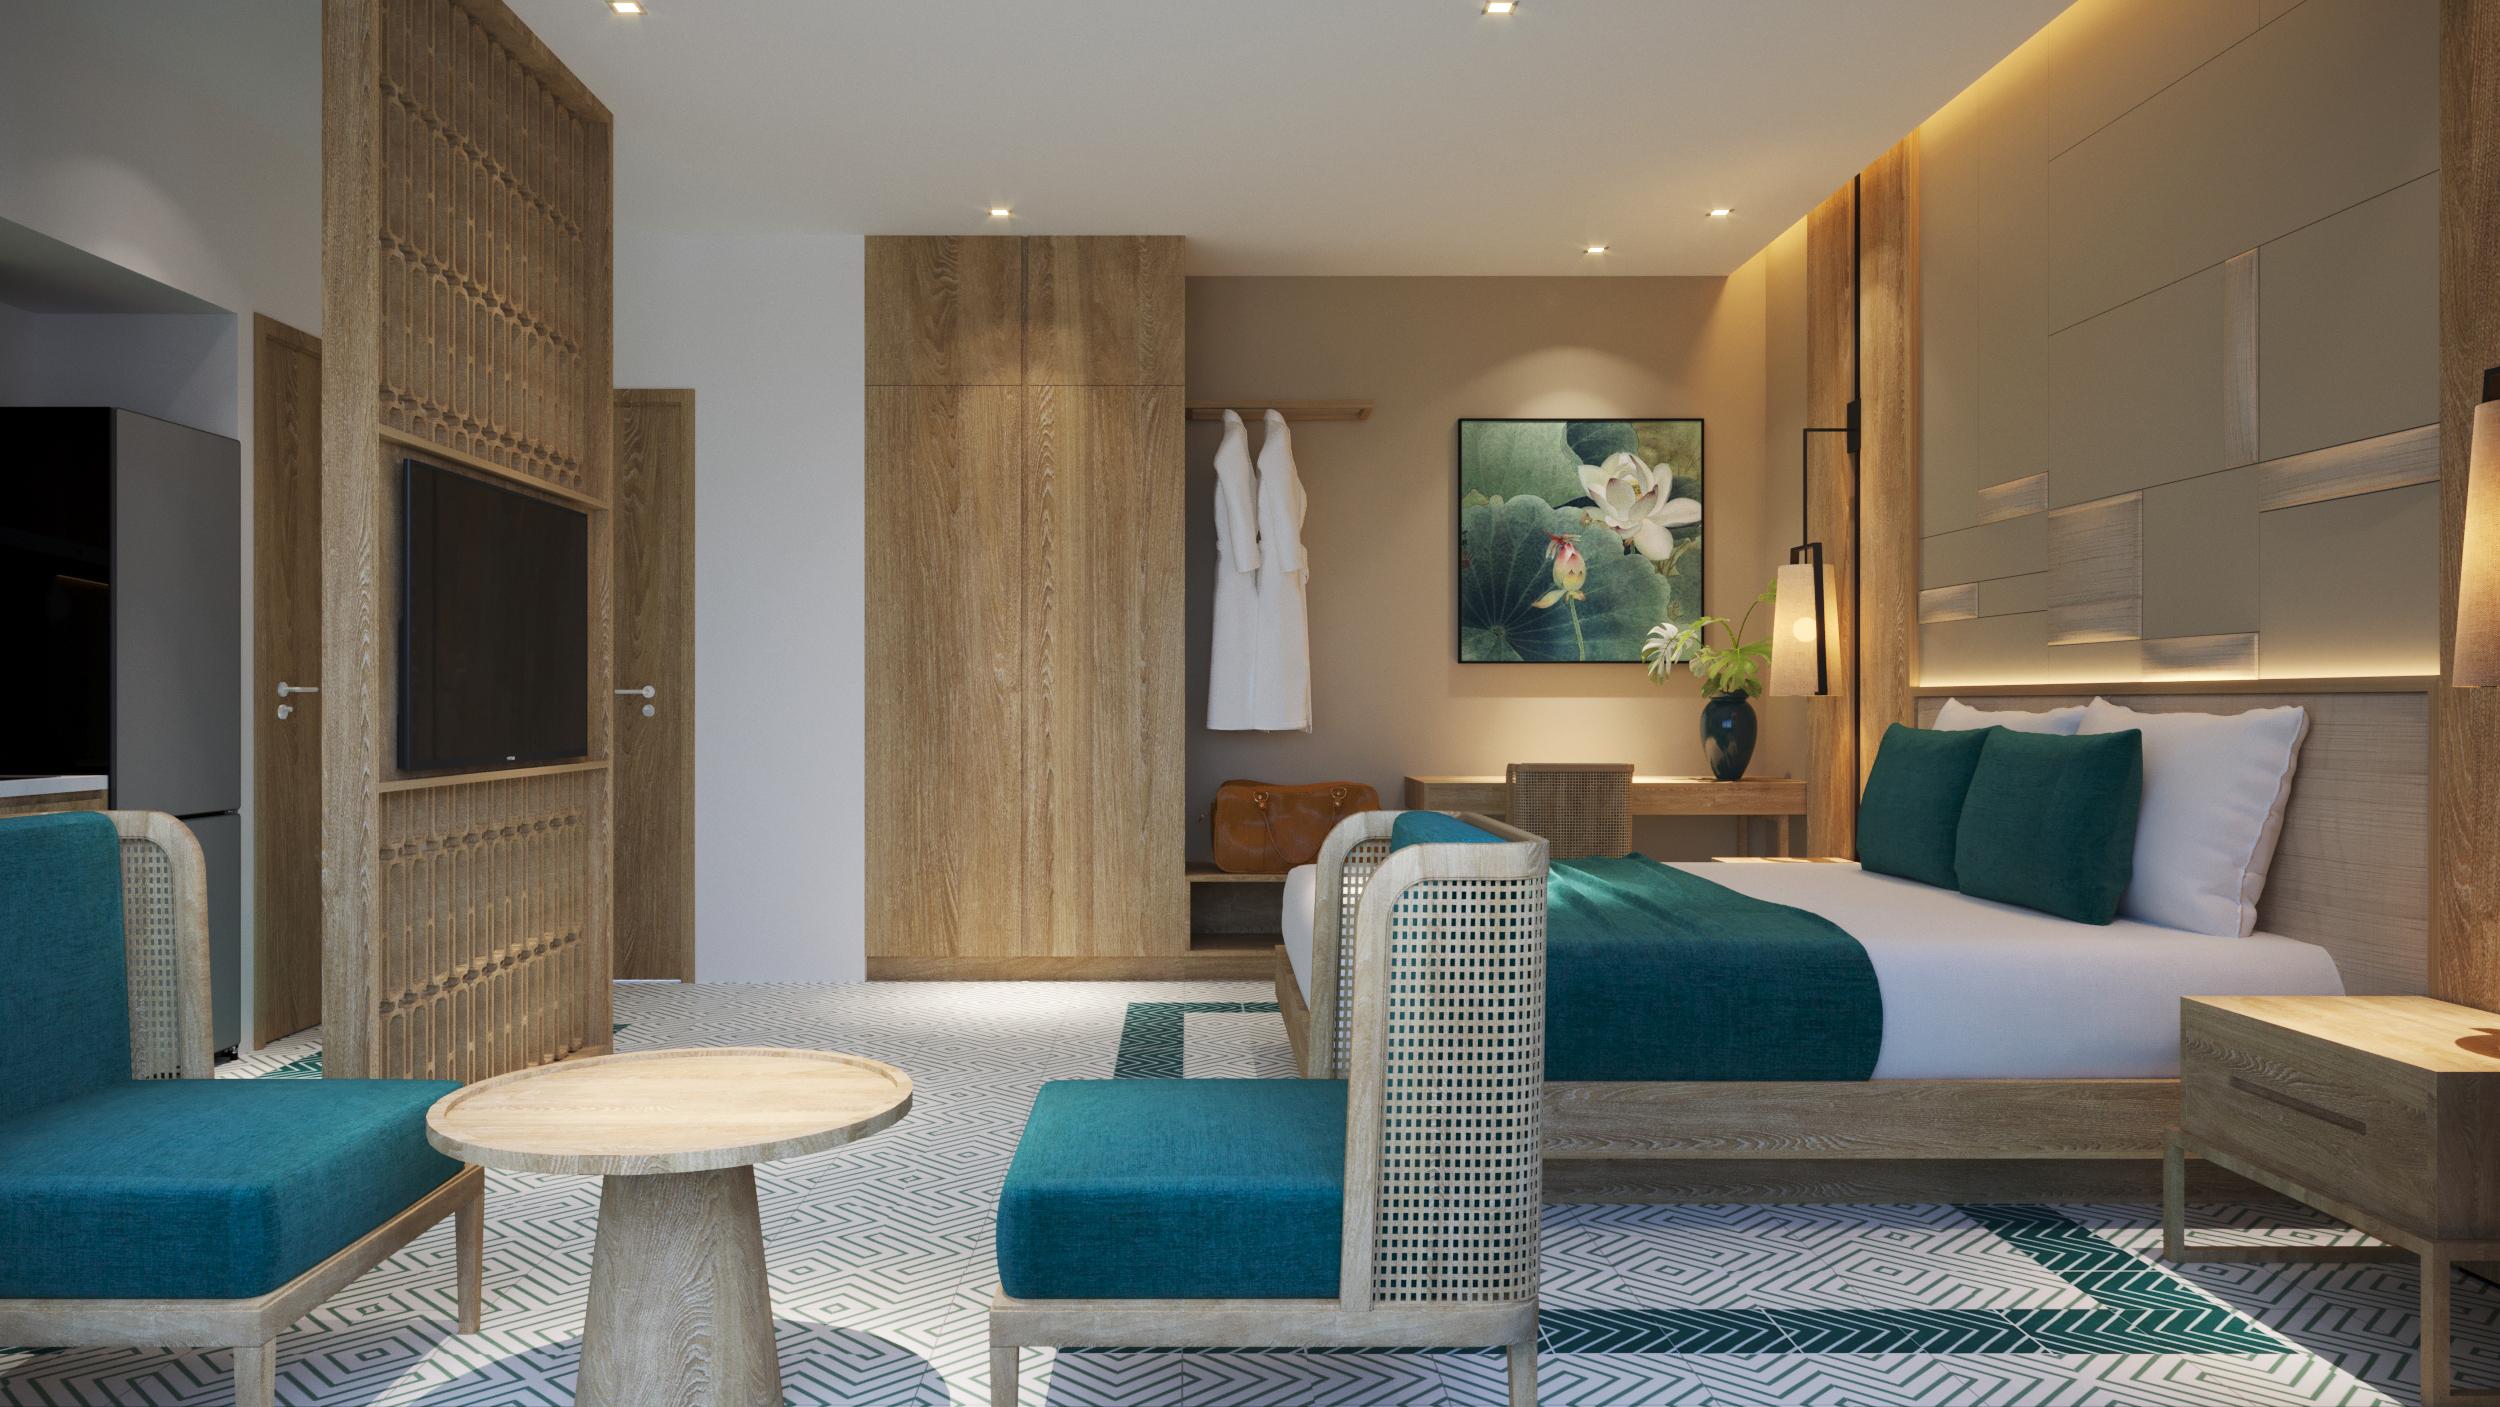 Thiết kế nội thất Khách Sạn tại Đà Nẵng CASAMIA AP2 HOI AN 1587708632 2